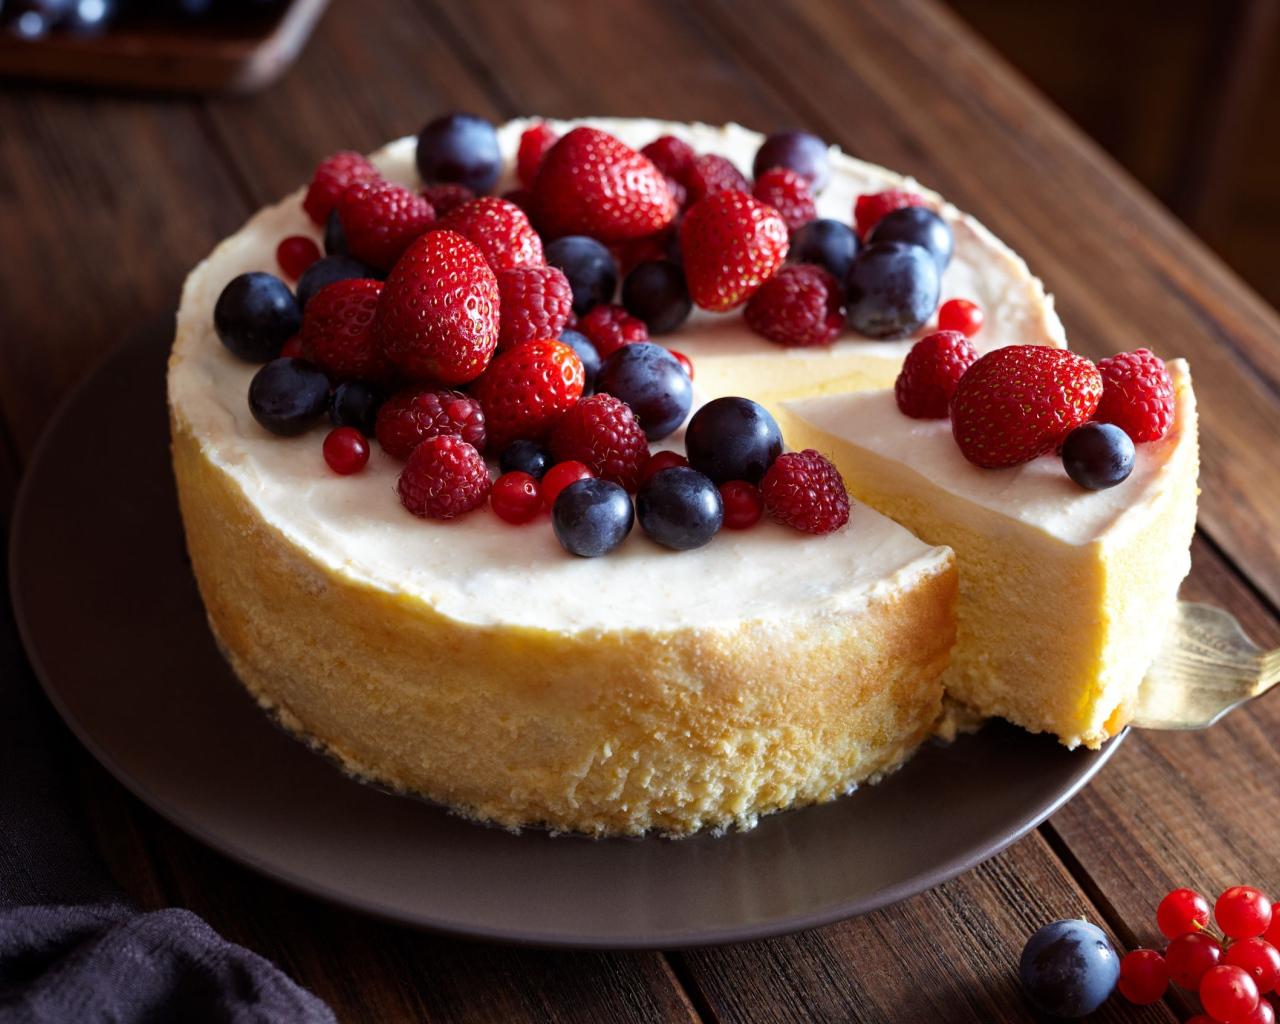 просит тебя чизкейк со свежими ягодами рецепт с фото гениального